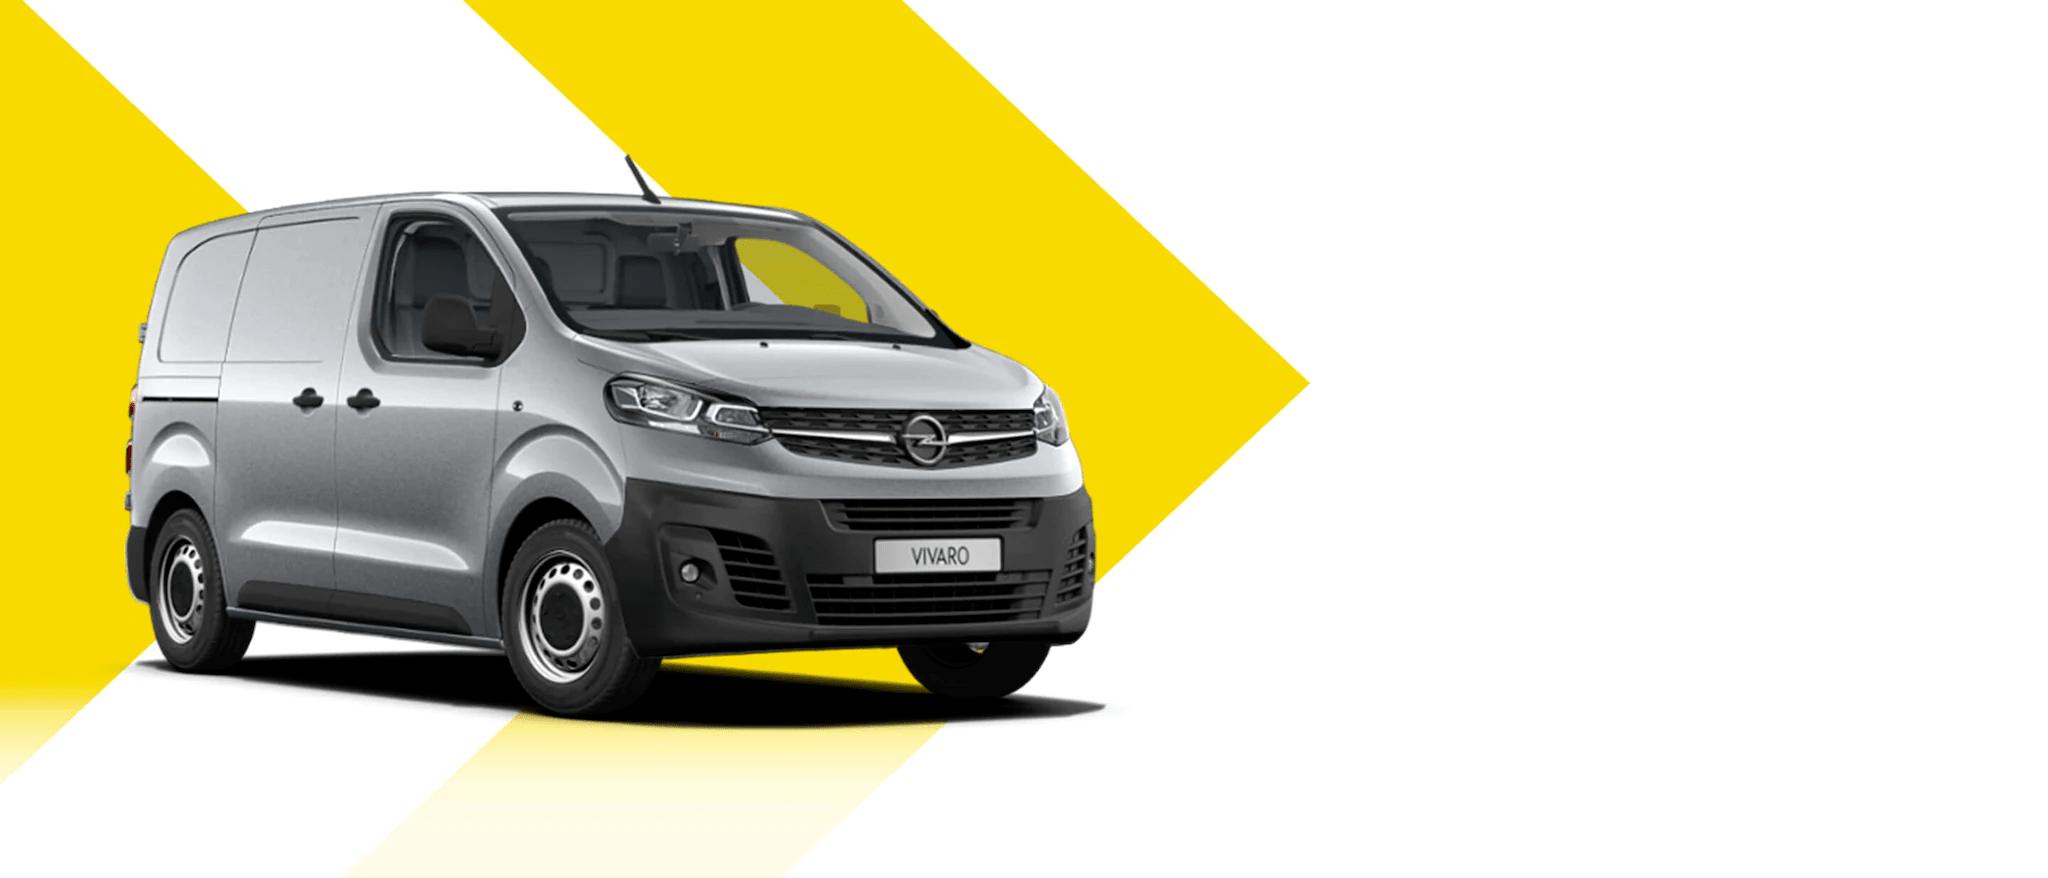 Opel Vivaro - Los Coches